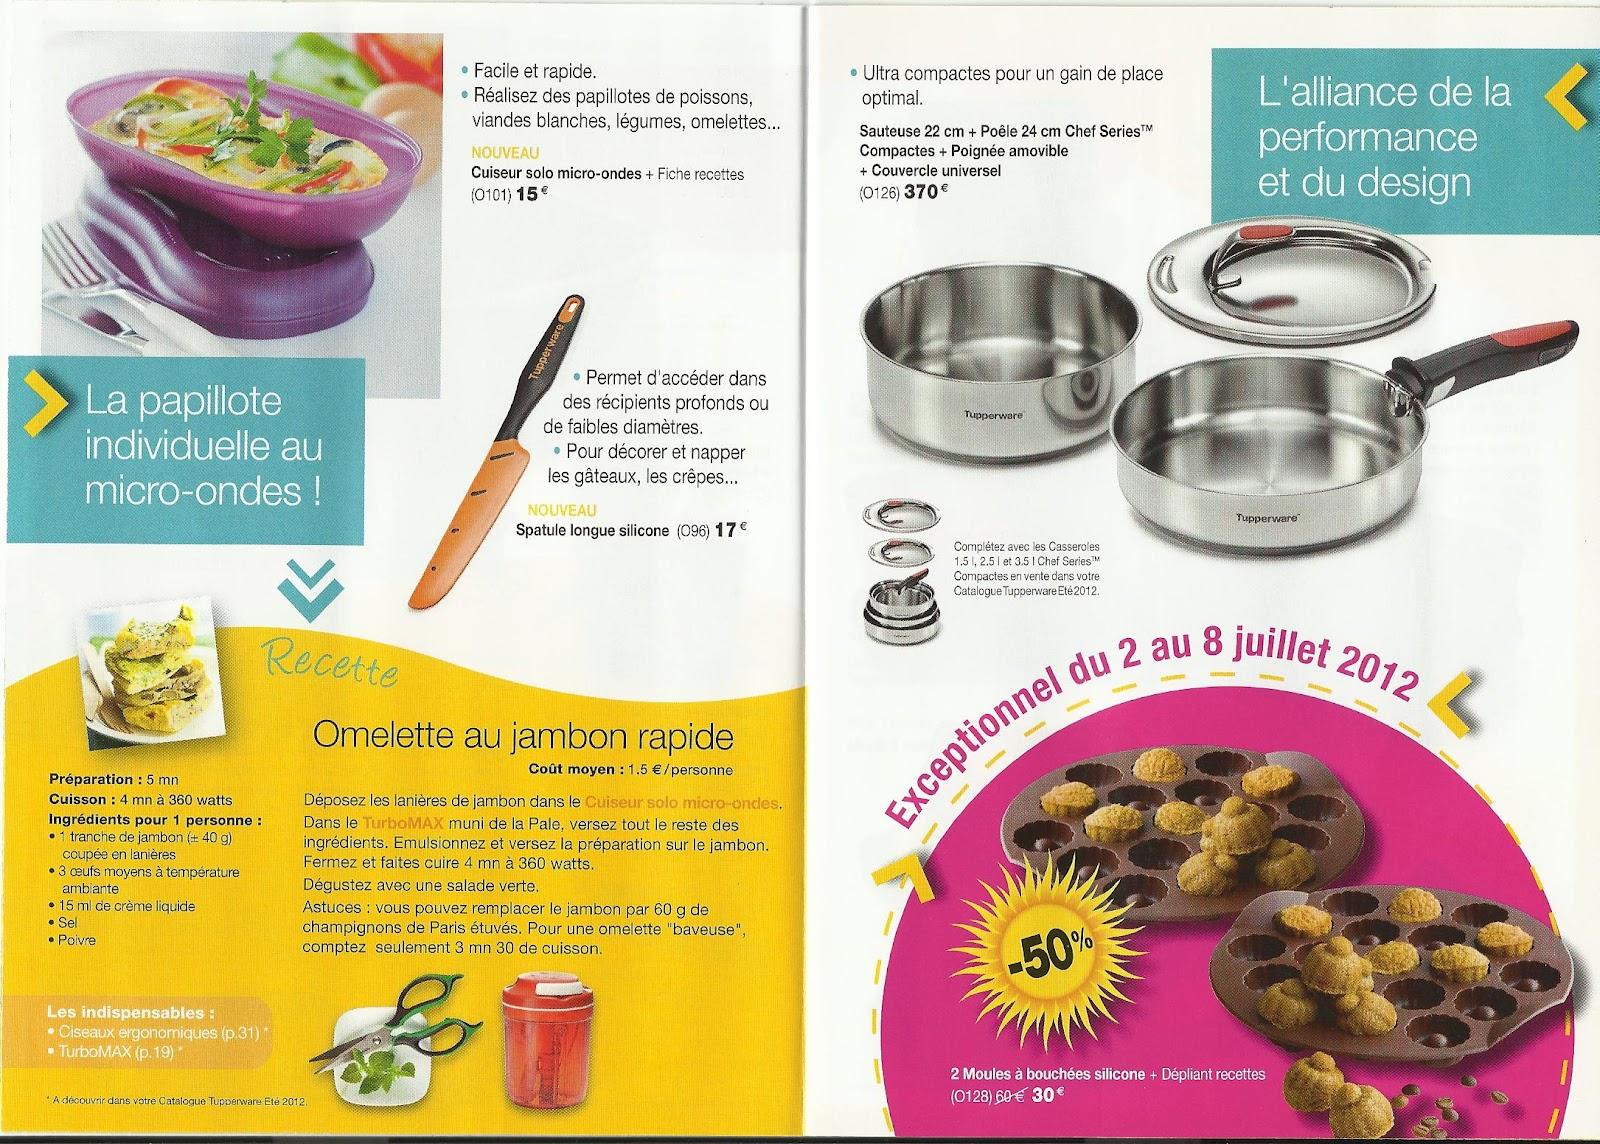 Célèbre Amélie, Gourmandises & Tupperware: juin 2012 AK73